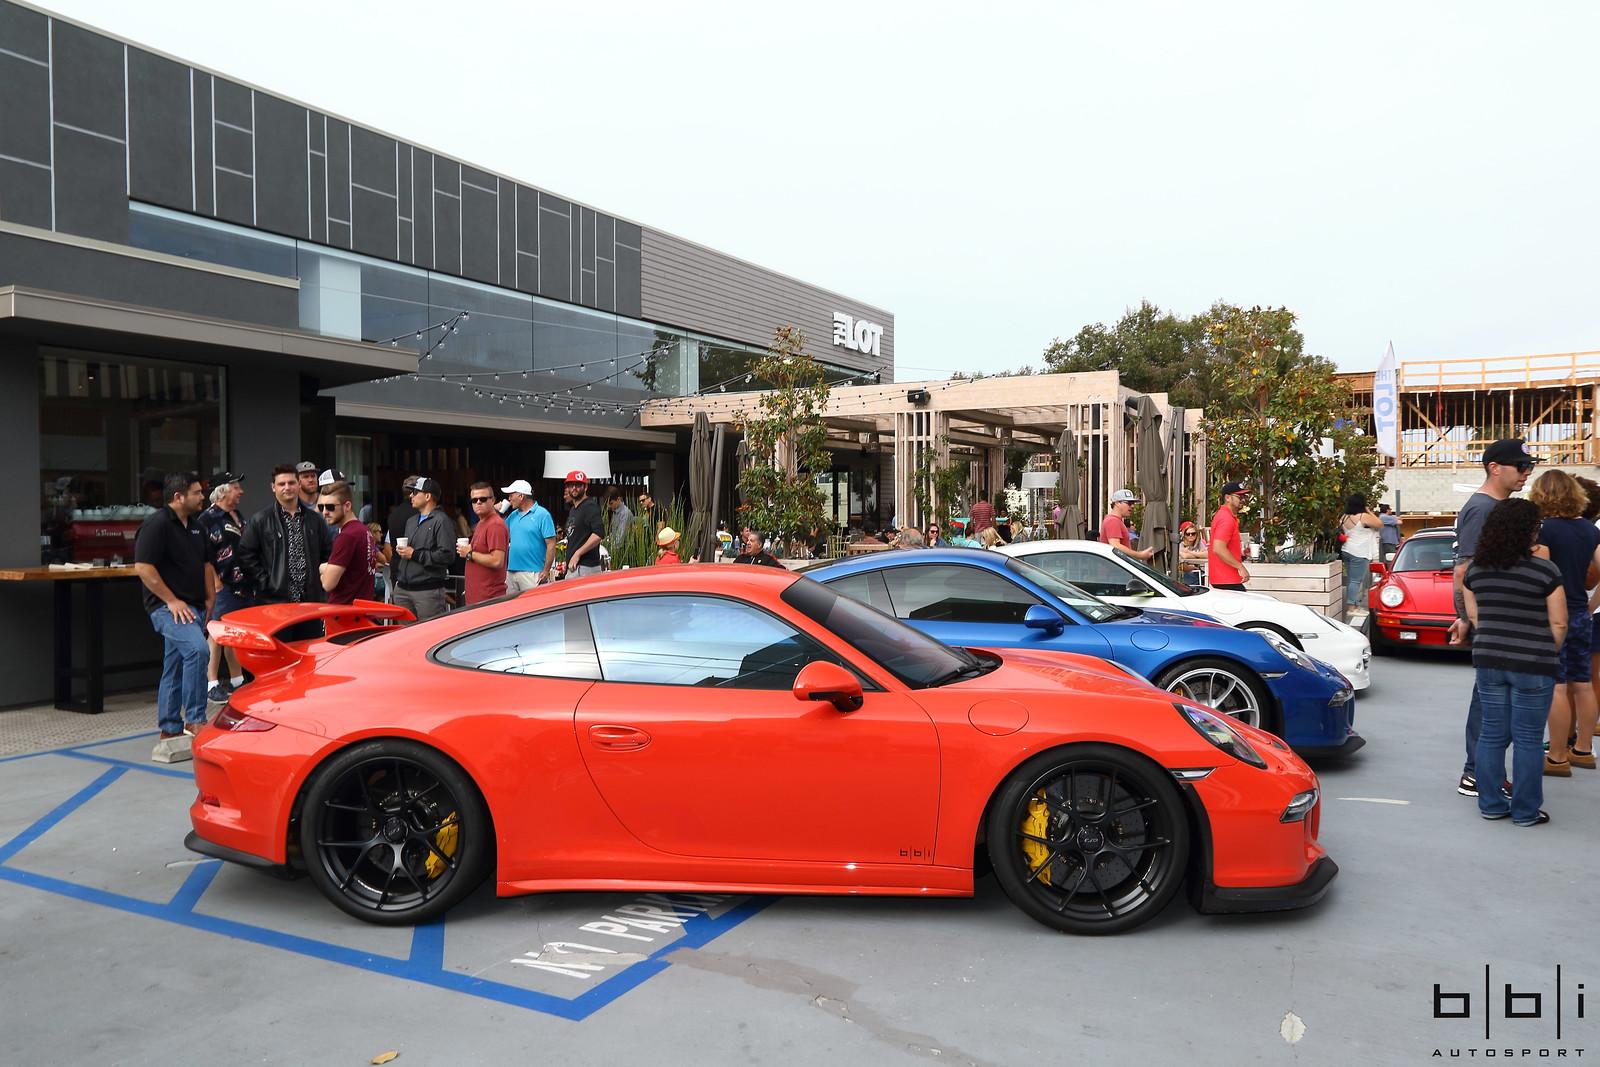 Cars U0026 Coffee La Jolla Porsche Day Photo Coverage By BBi Autosport   Page 2    Rennlist   Porsche Discussion Forums